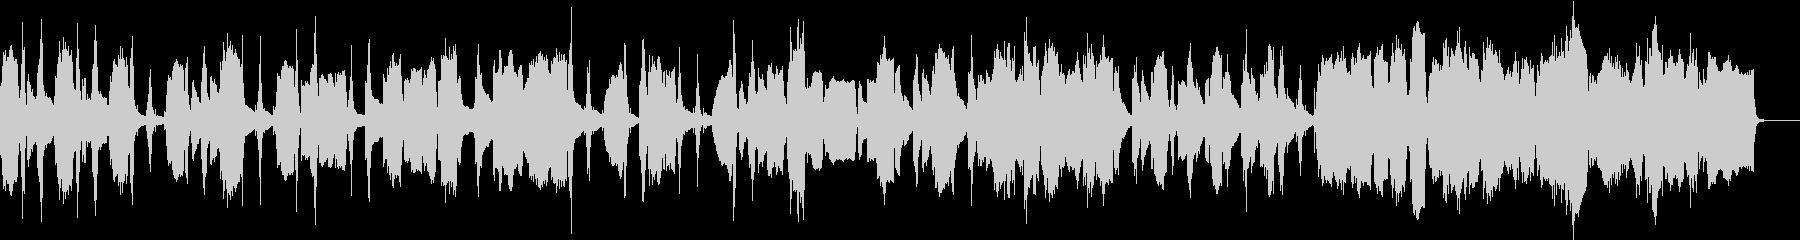 ピアノ旋律が美しいロマン派風ワルツの未再生の波形